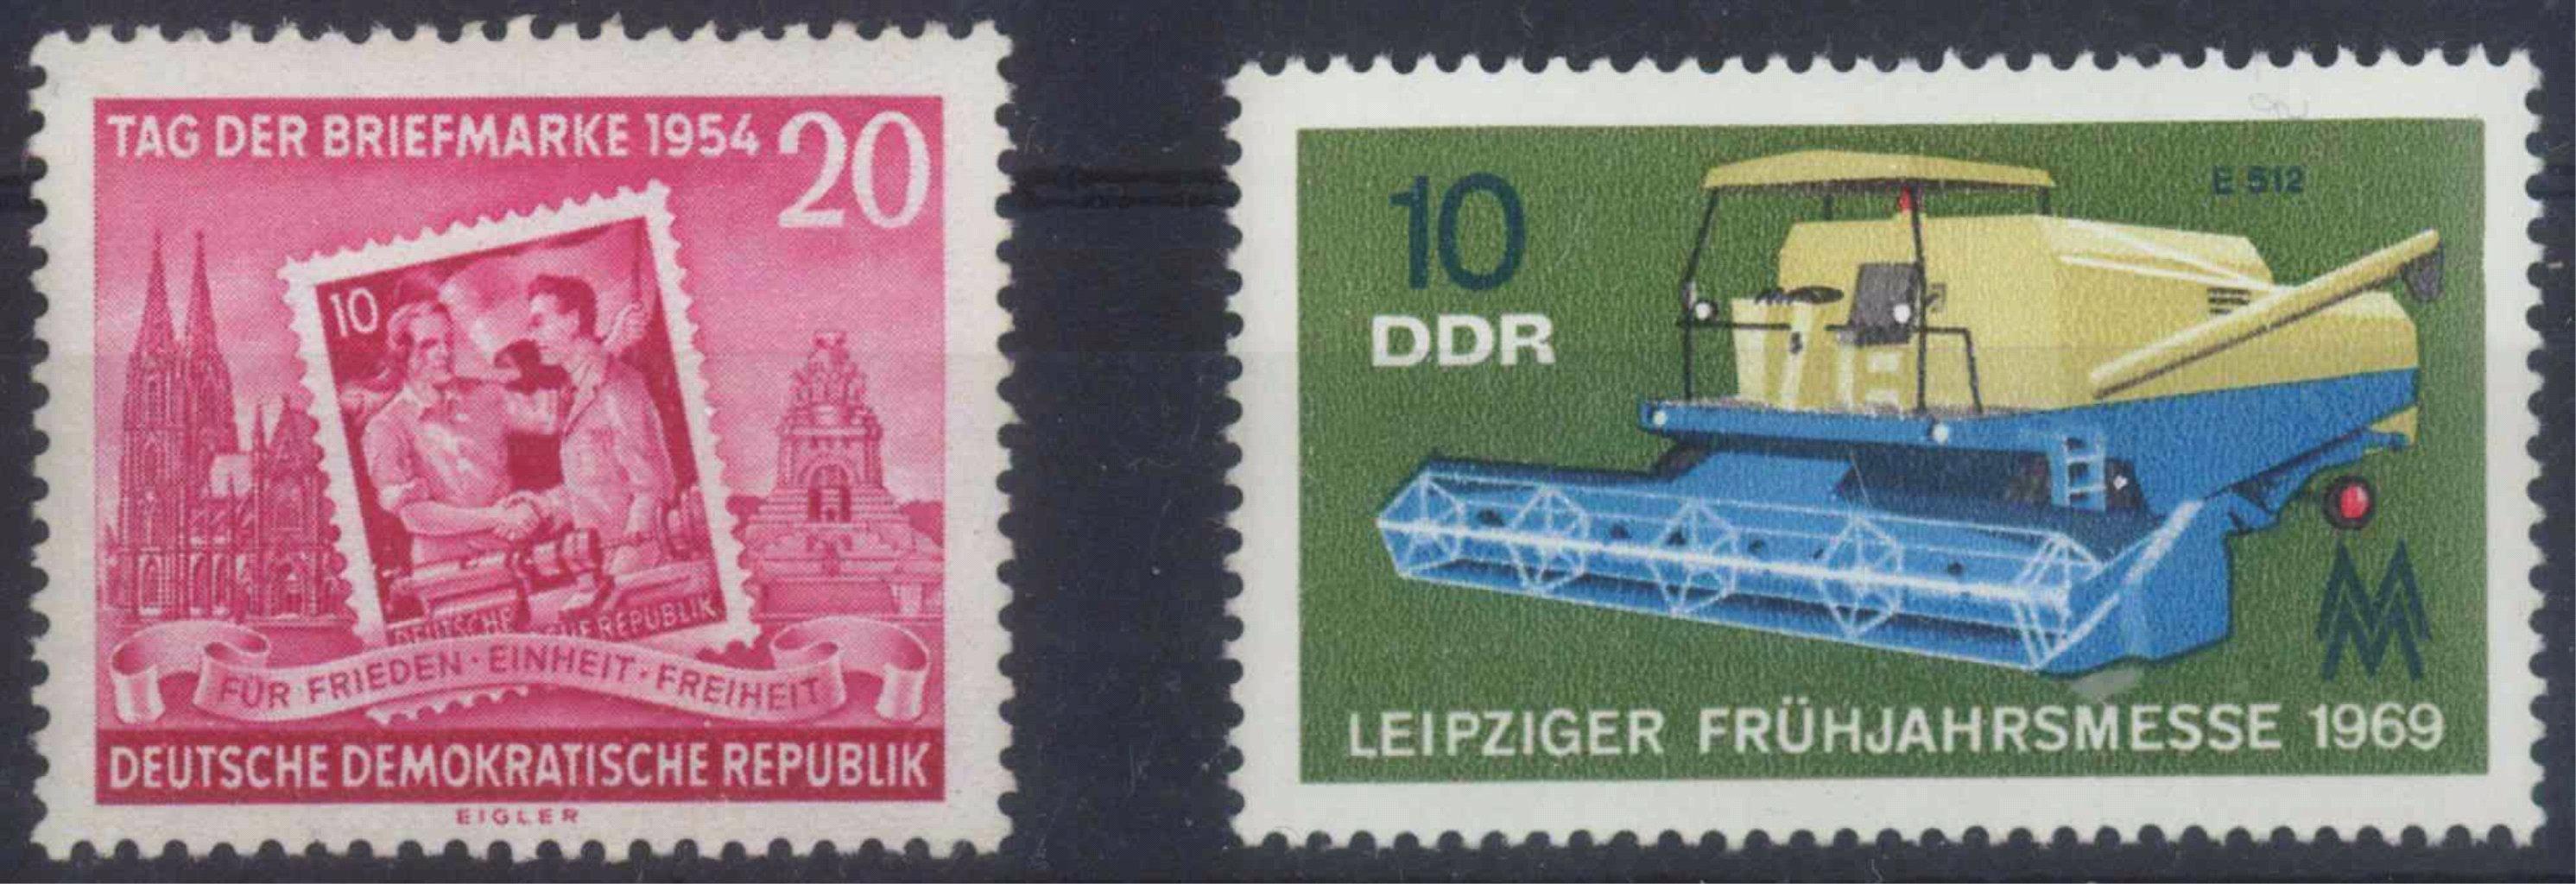 1954 DDR, Tag der Briefmarke Plattenfehler I, KW 120,-Euro